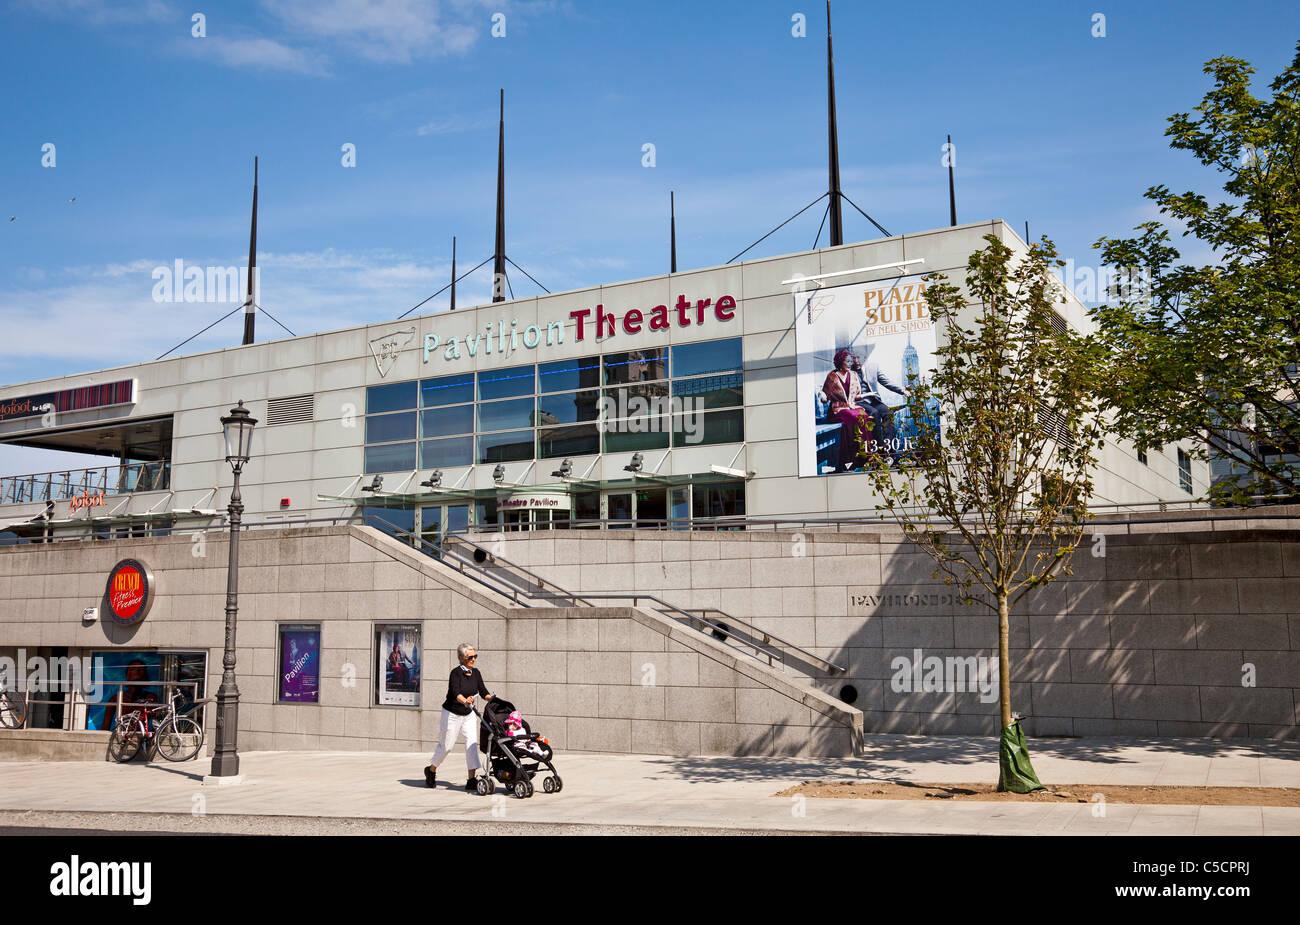 pavilion-theatre-dun-laoghaire-republic-